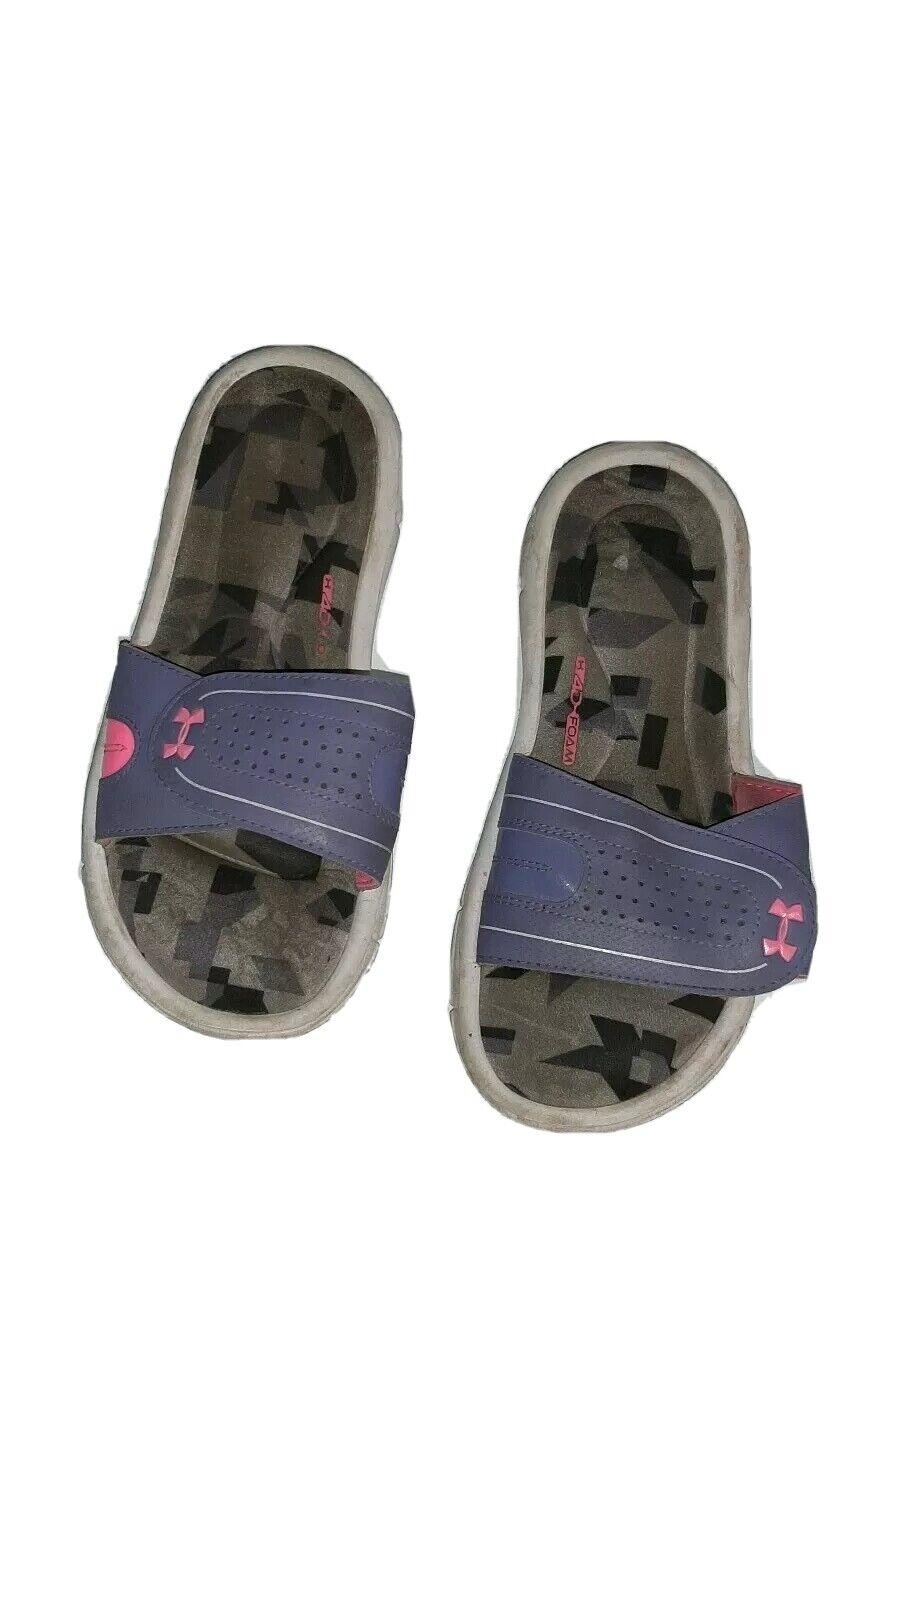 H4d Foam Sandals | eBay